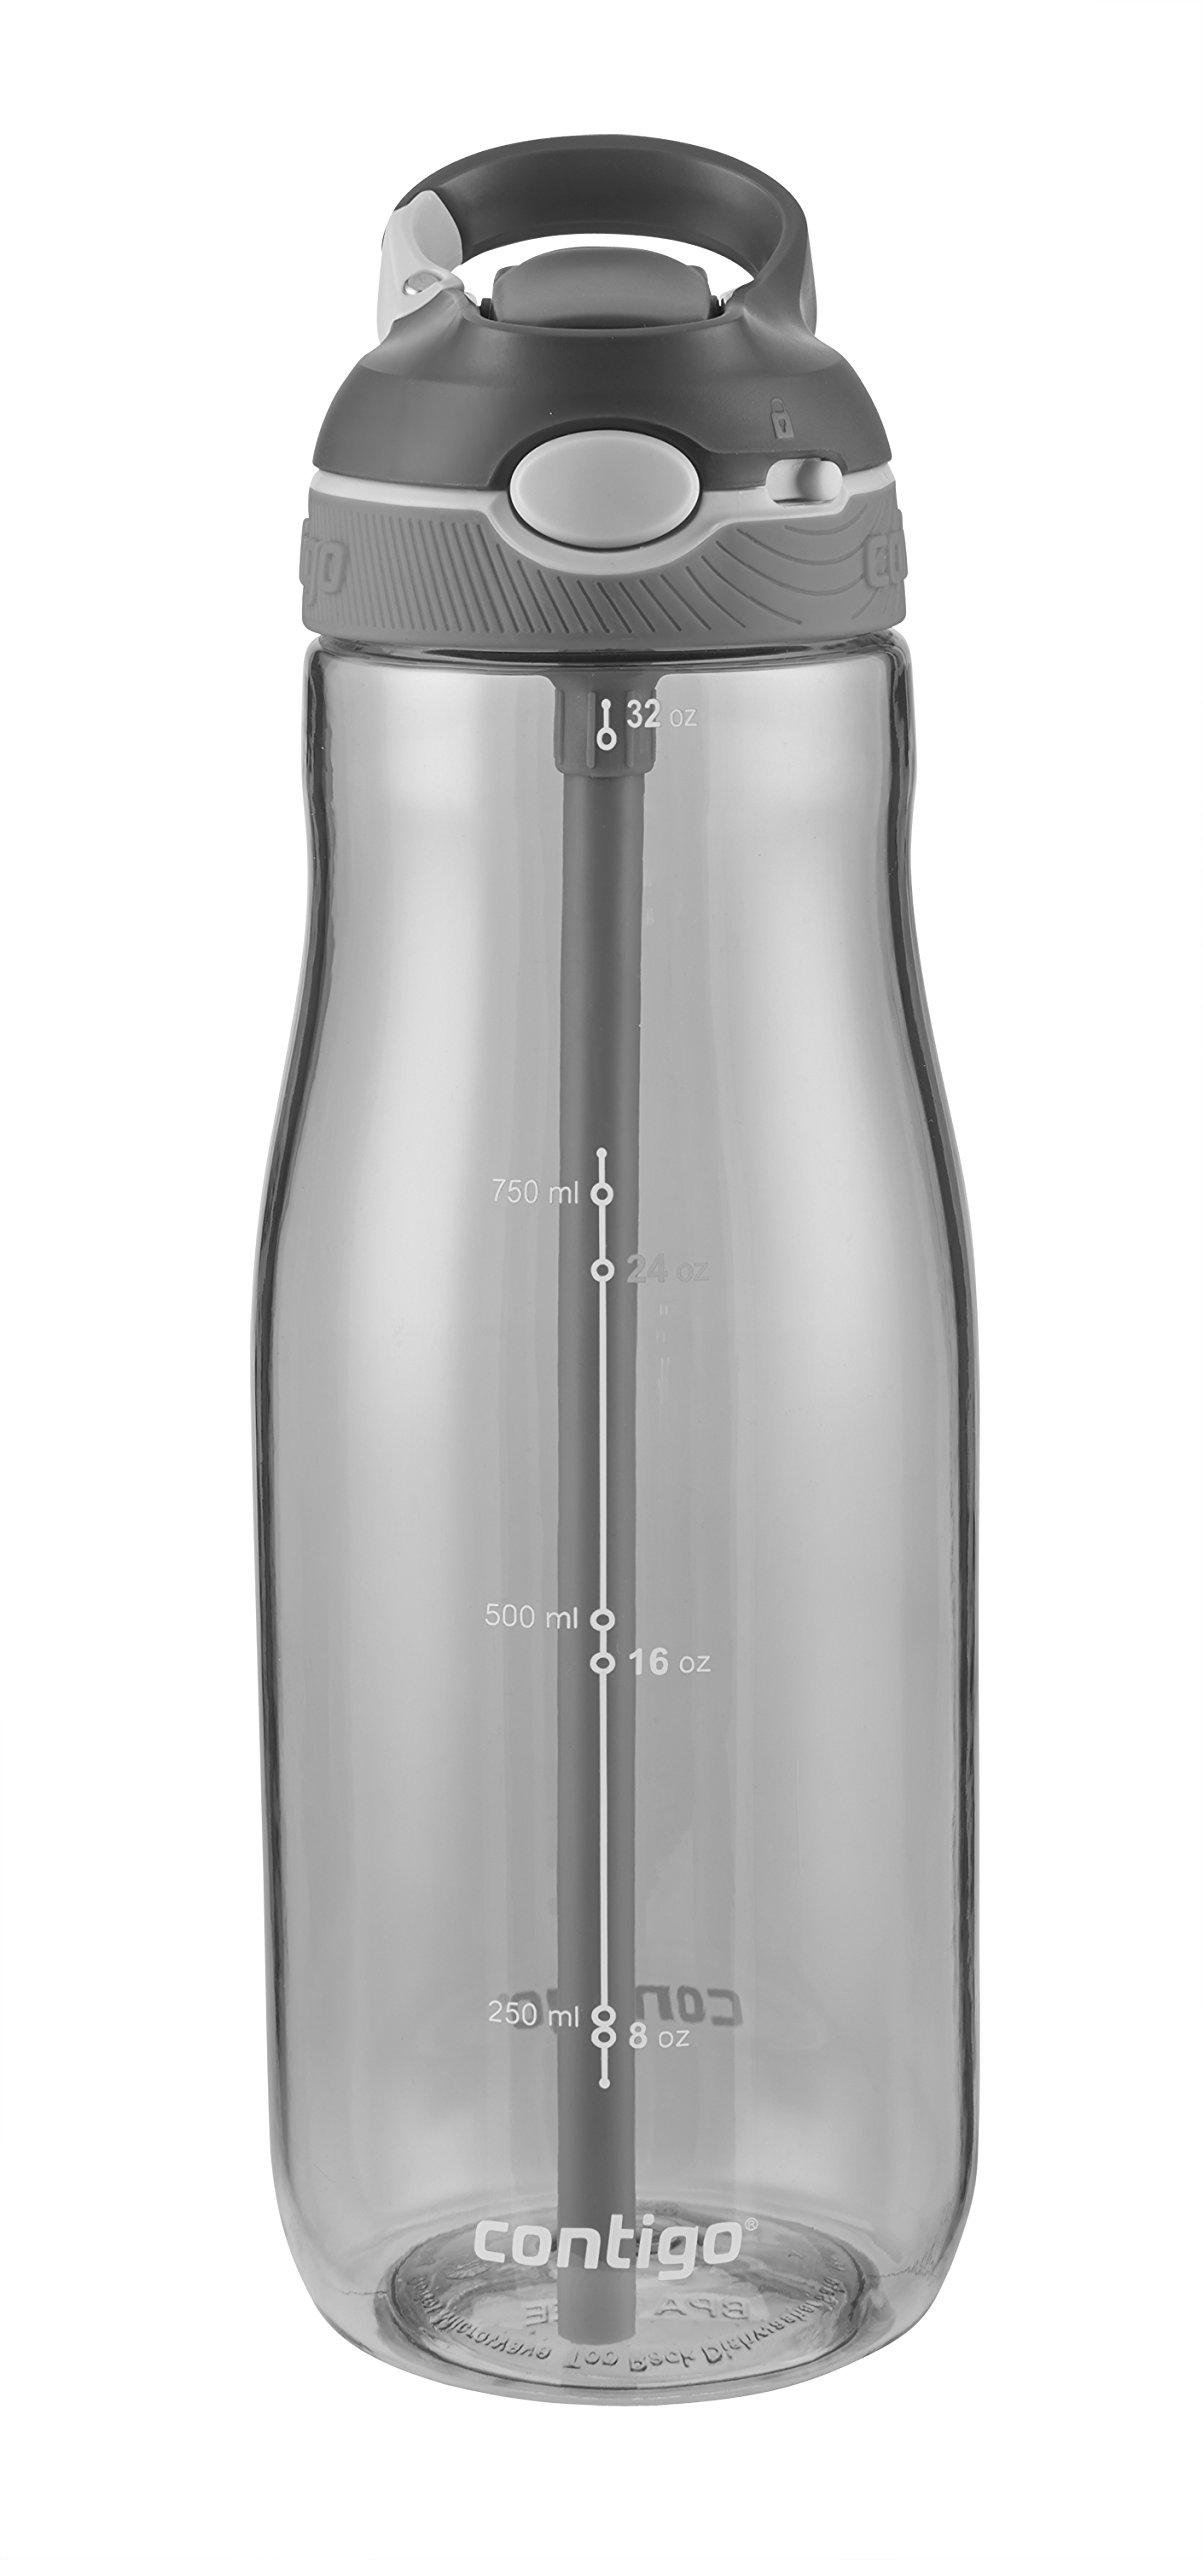 Contigo Autospout Ashland Water Bottle, 32oz , Smoke